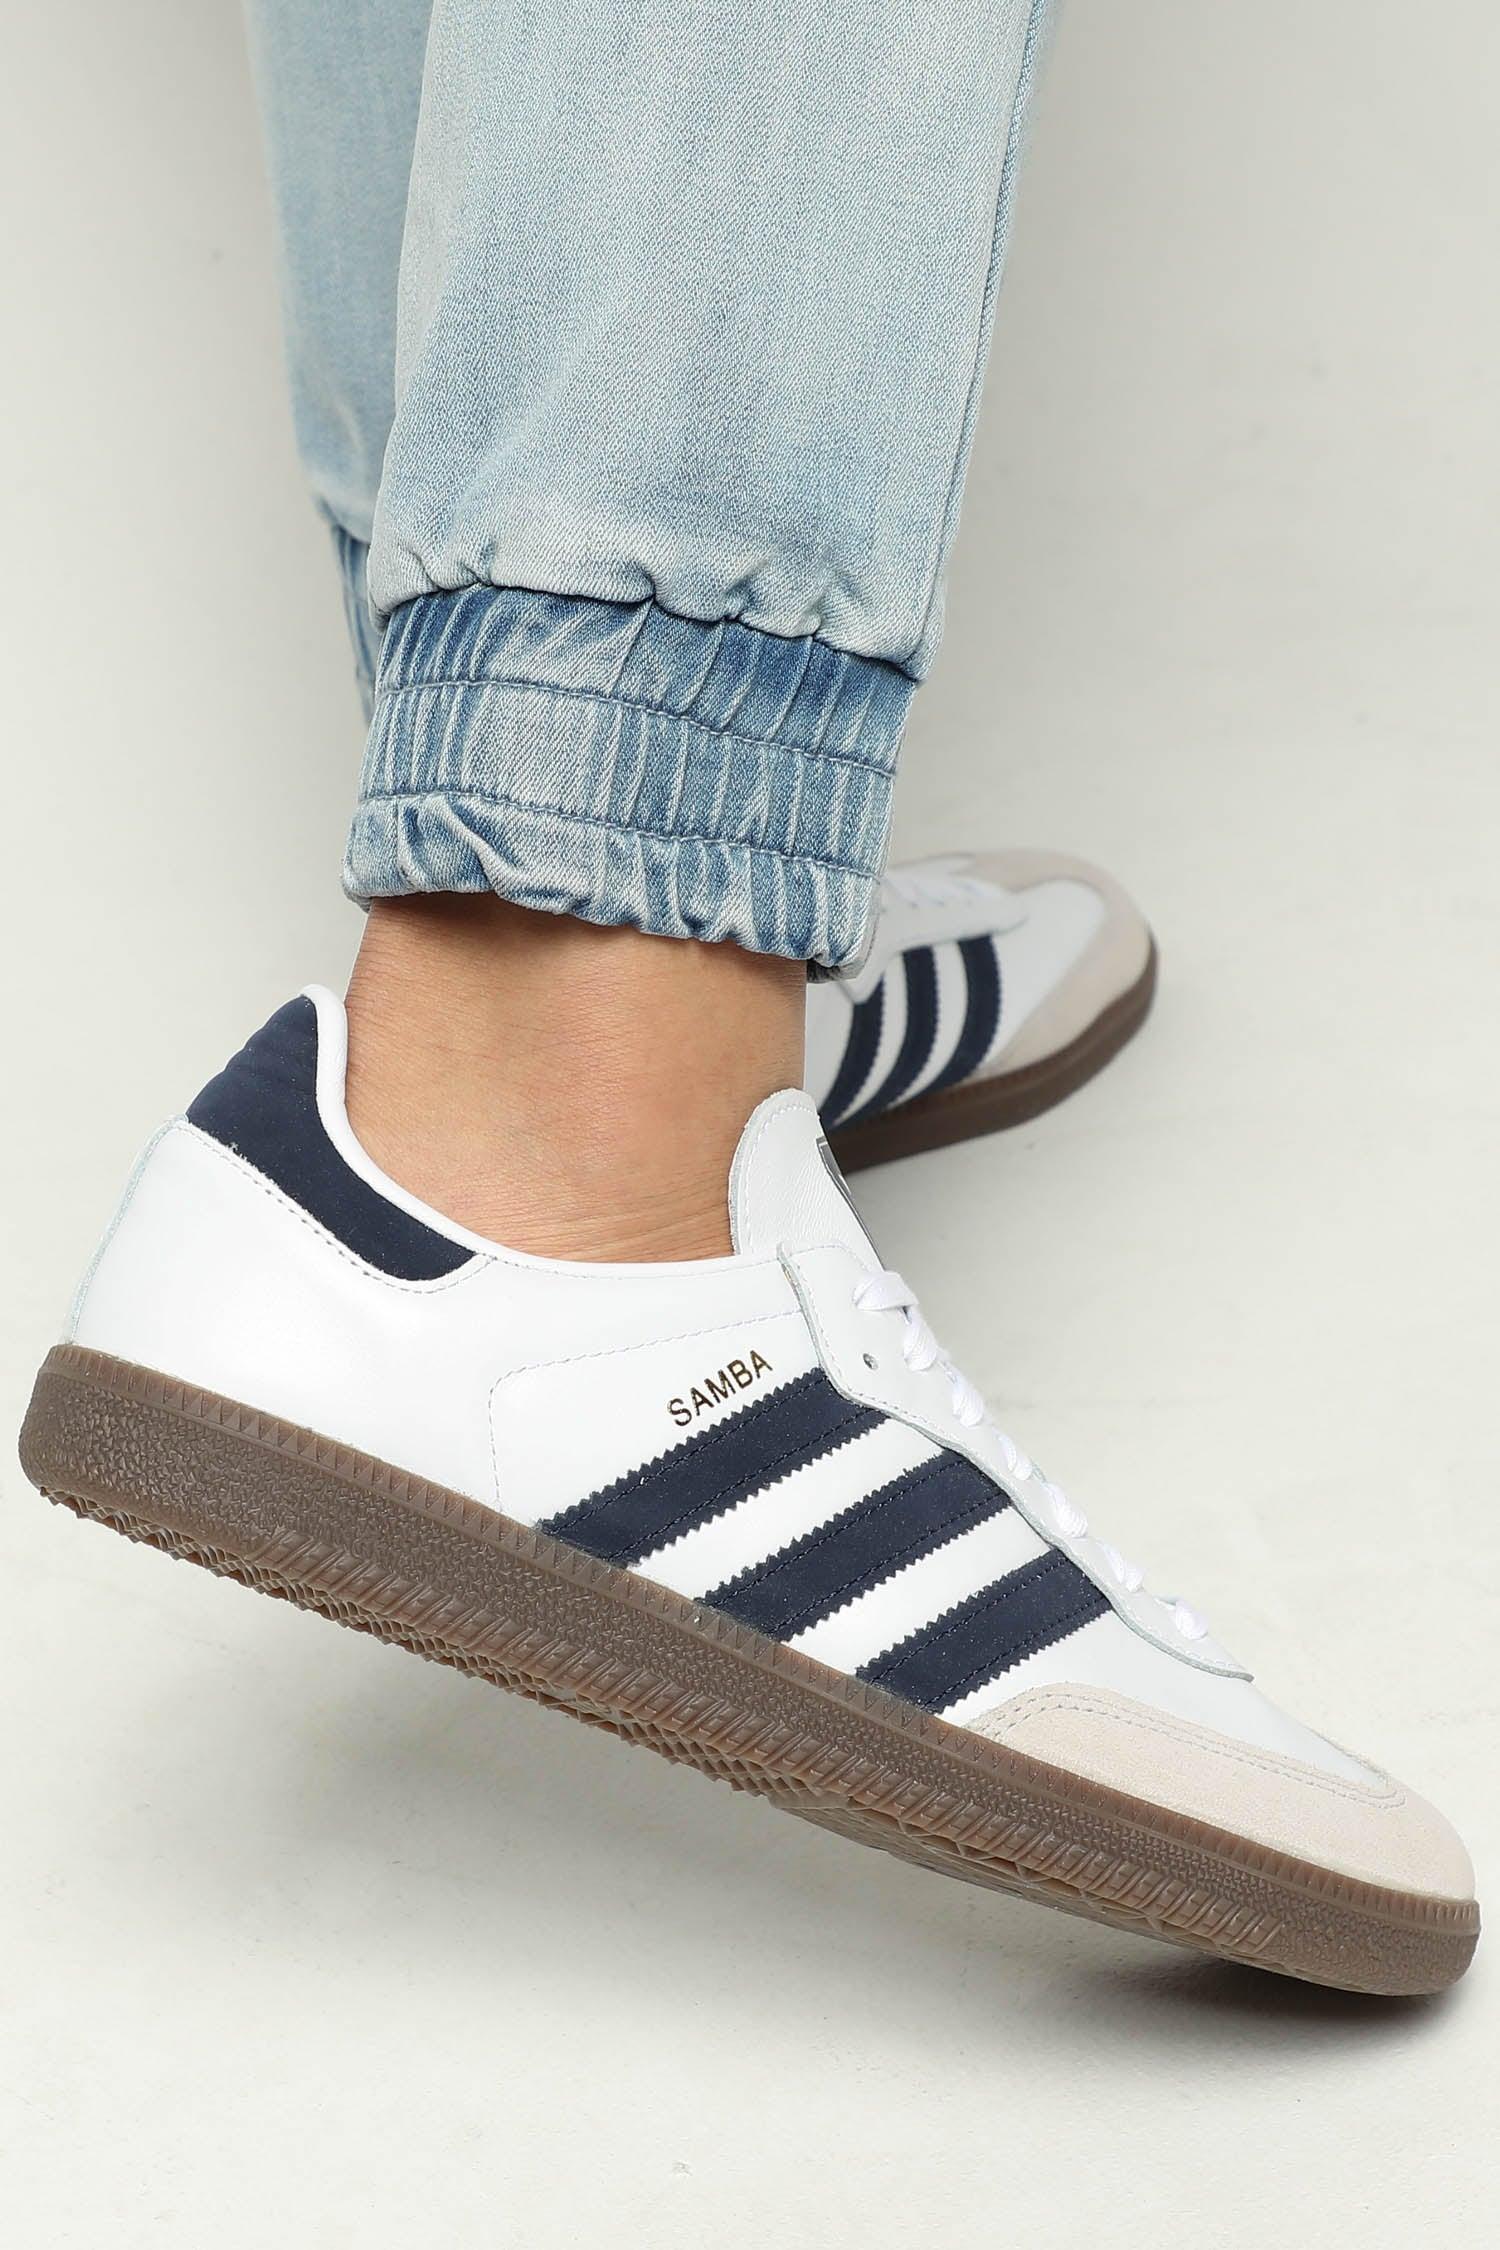 Adidas Samba OG White/Navy | Culture